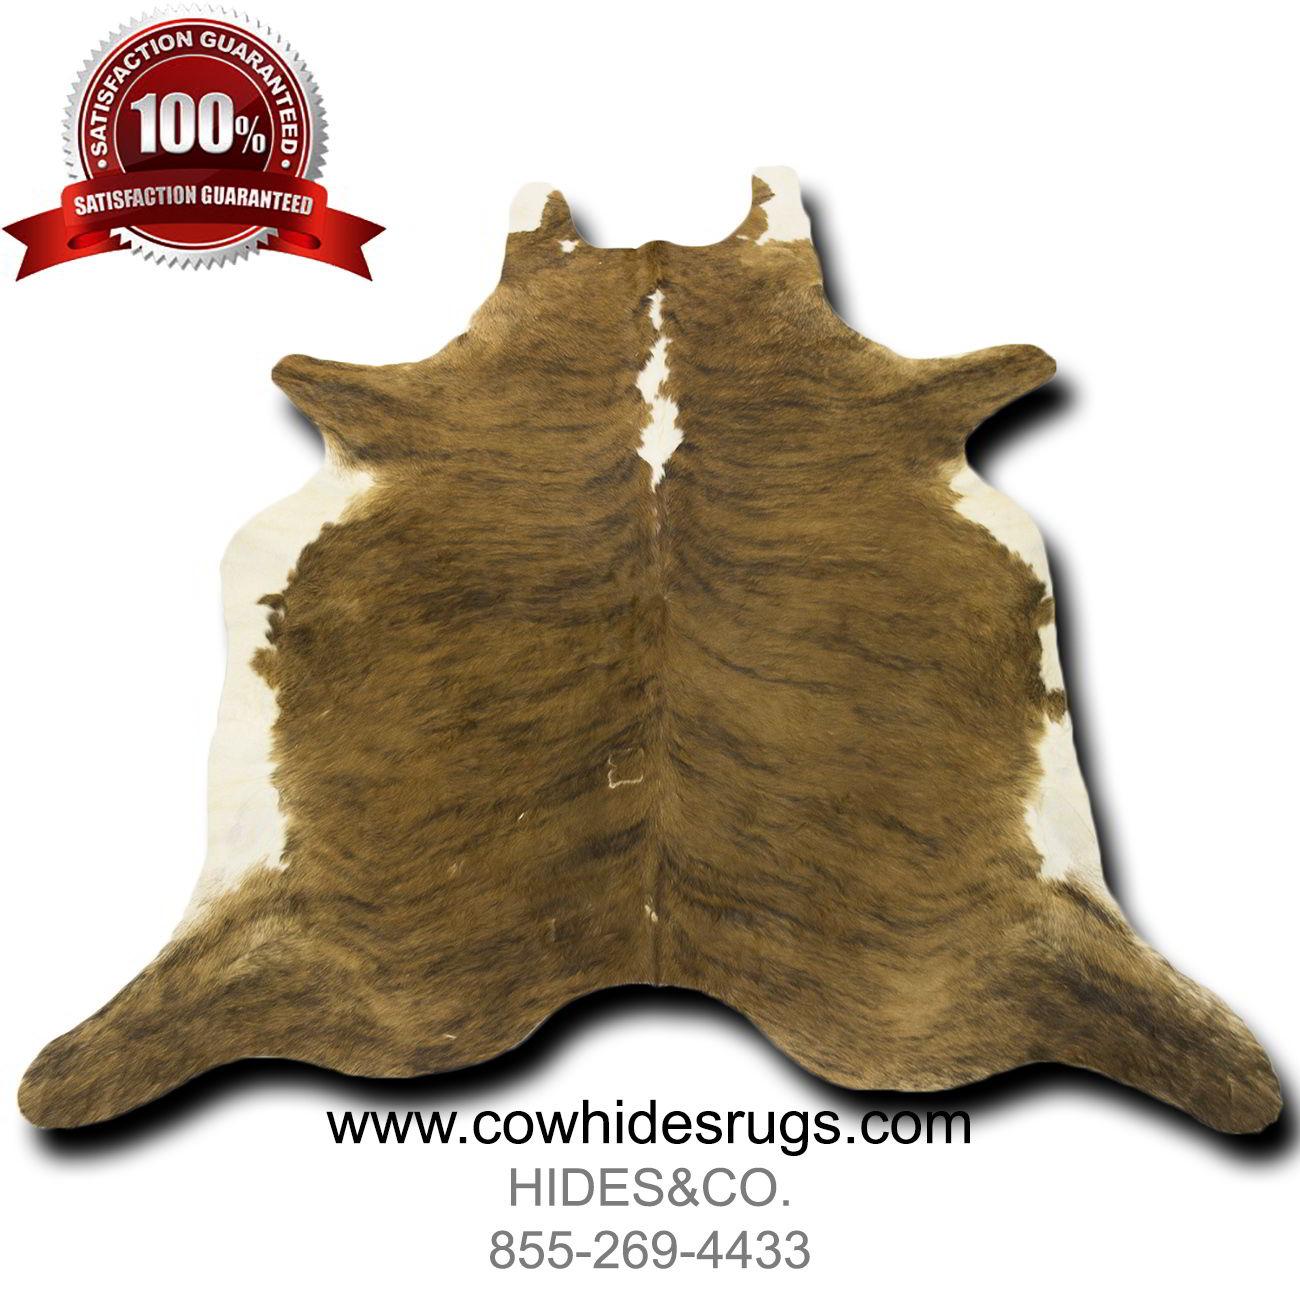 Brown And White Brindle Cowhide Rug 7 8 Ft X 6 6 Ft Natural Genuine Cowhide